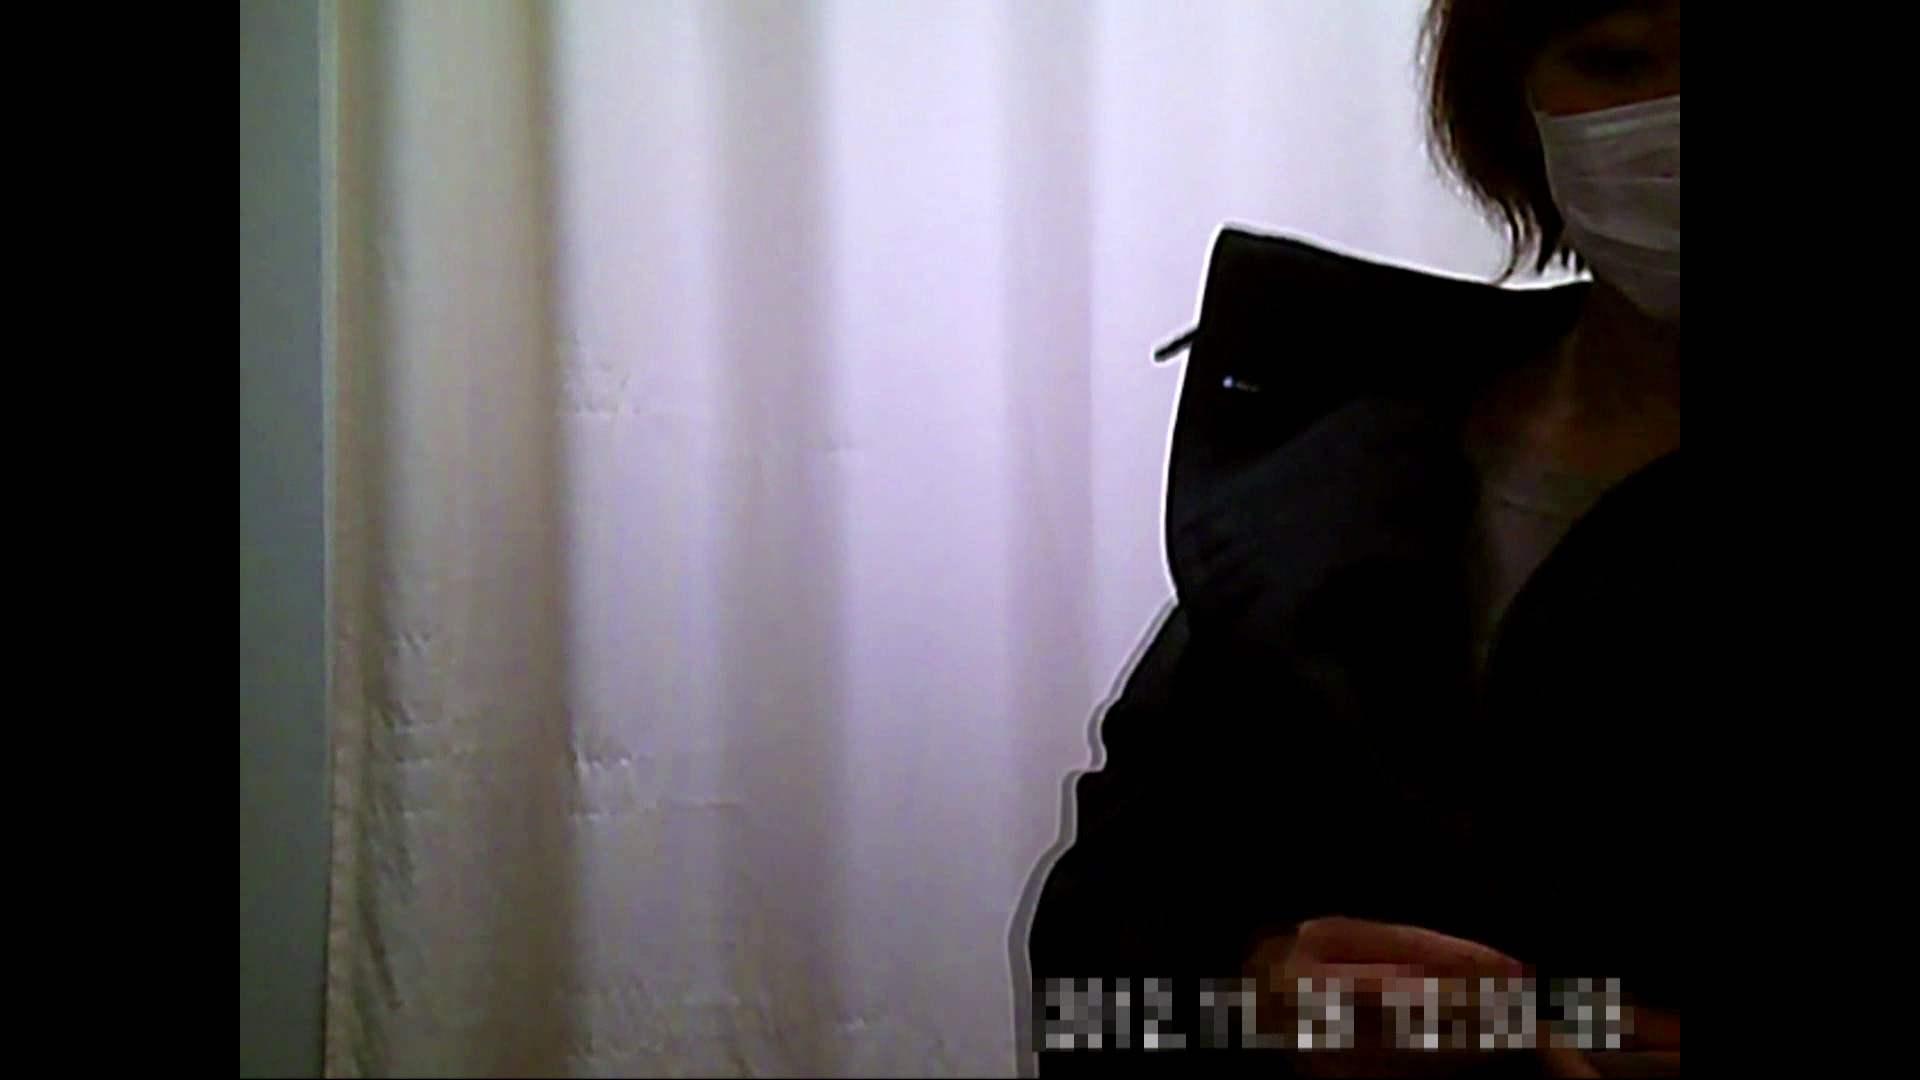 病院おもいっきり着替え! vol.159 着替え 盗撮オマンコ無修正動画無料 106画像 52